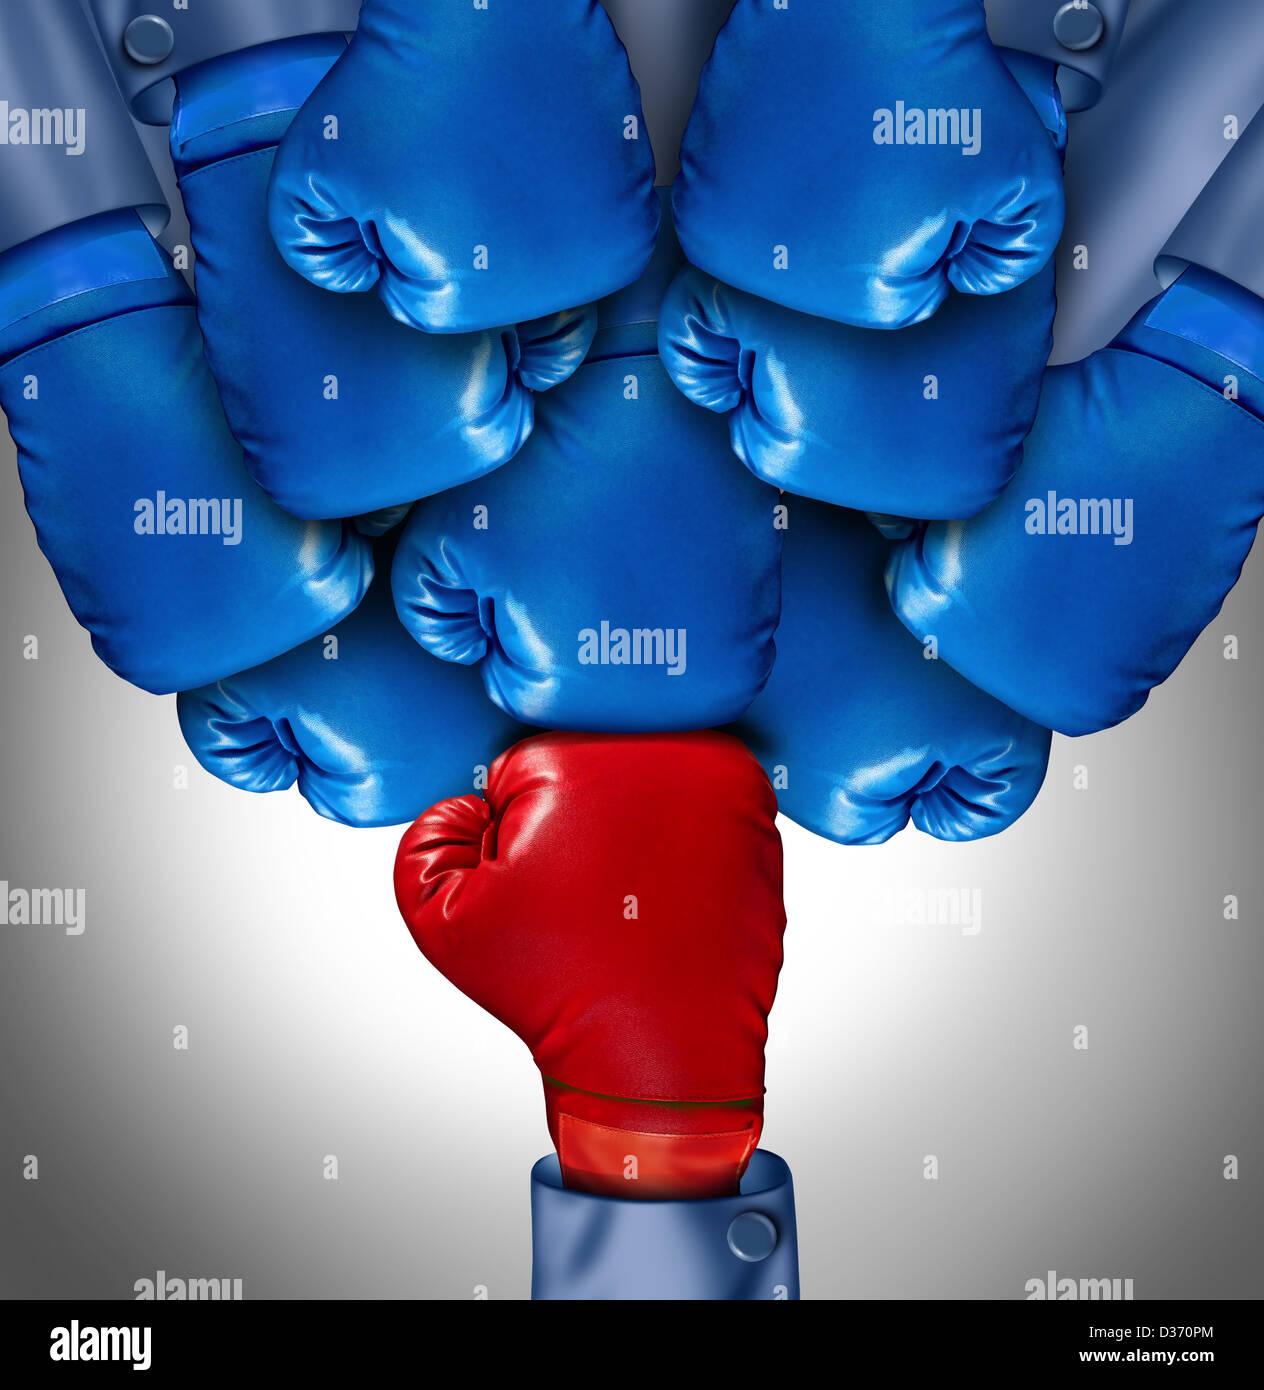 Superare le avversità e vincendo le sfide come un gruppo di blu guantoni da pugilato coalizione fino su un Immagini Stock